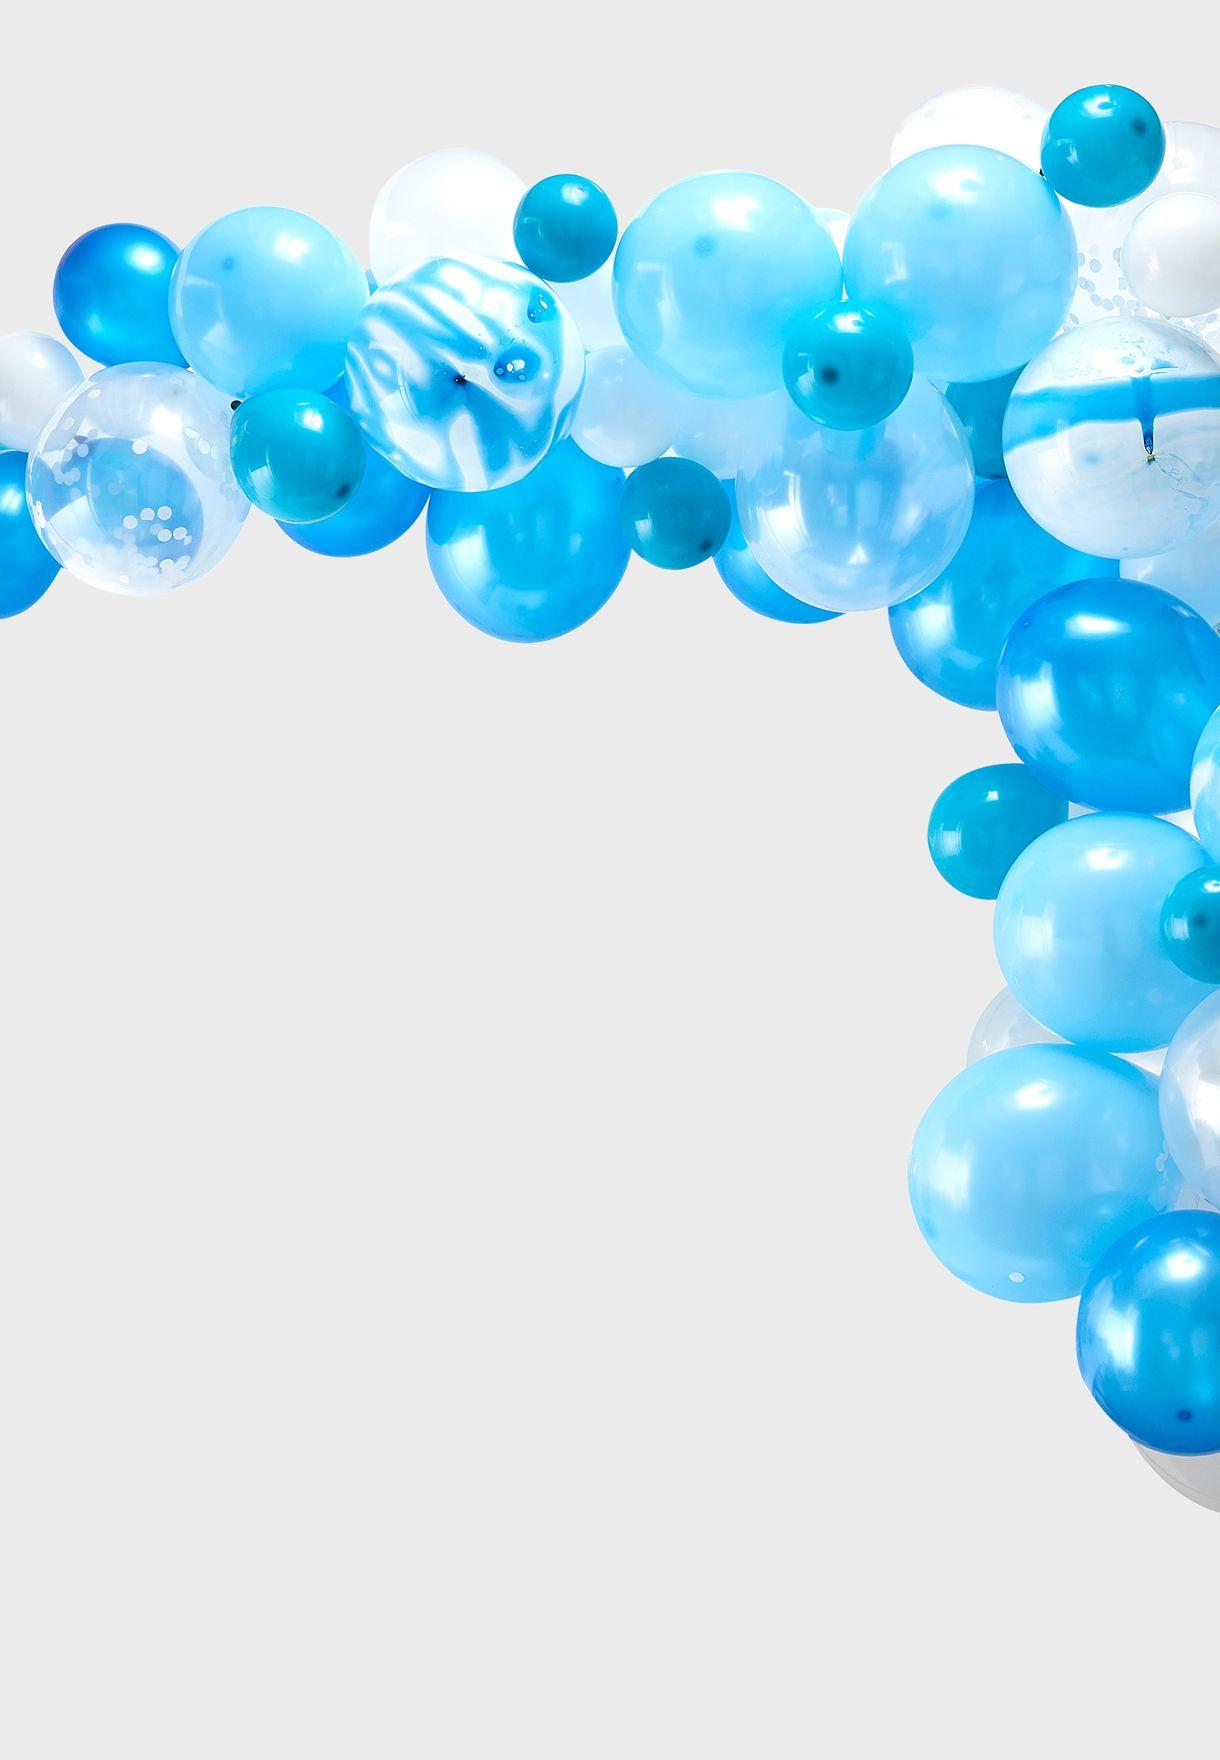 قوس بالونات - ازرق